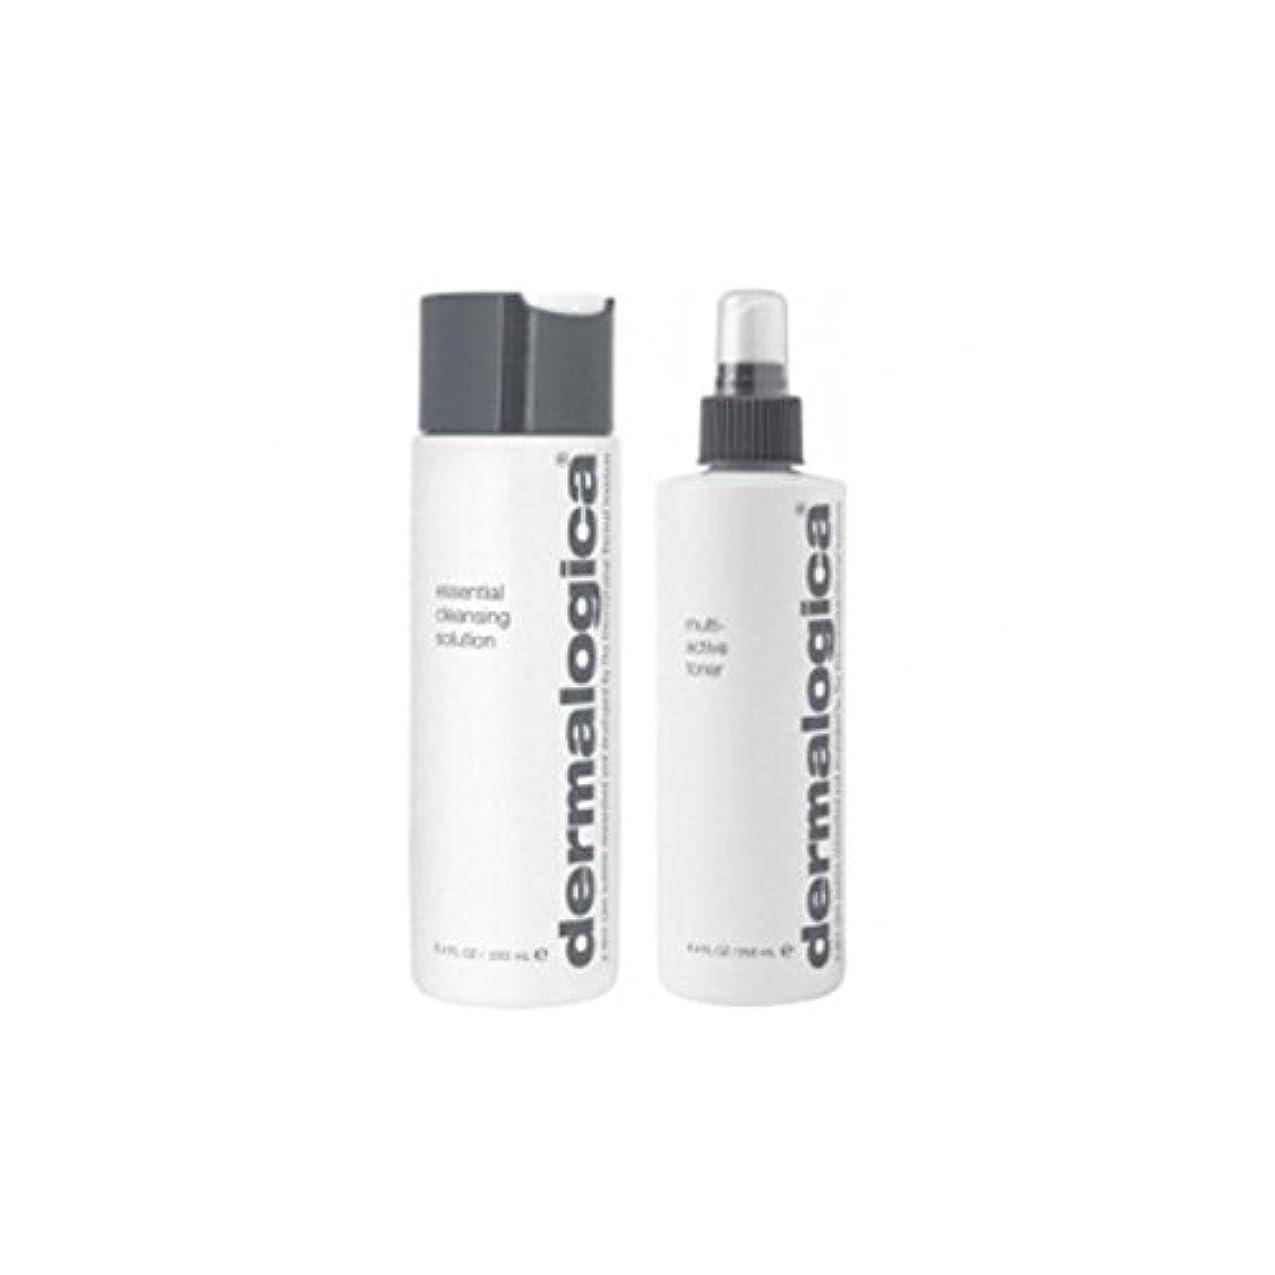 ヘルパー上級時計回りダーマロジカクレンジング&トーンデュオ - 乾燥肌 x2 - Dermalogica Cleanse & Tone Duo - Dry Skin (Pack of 2) [並行輸入品]